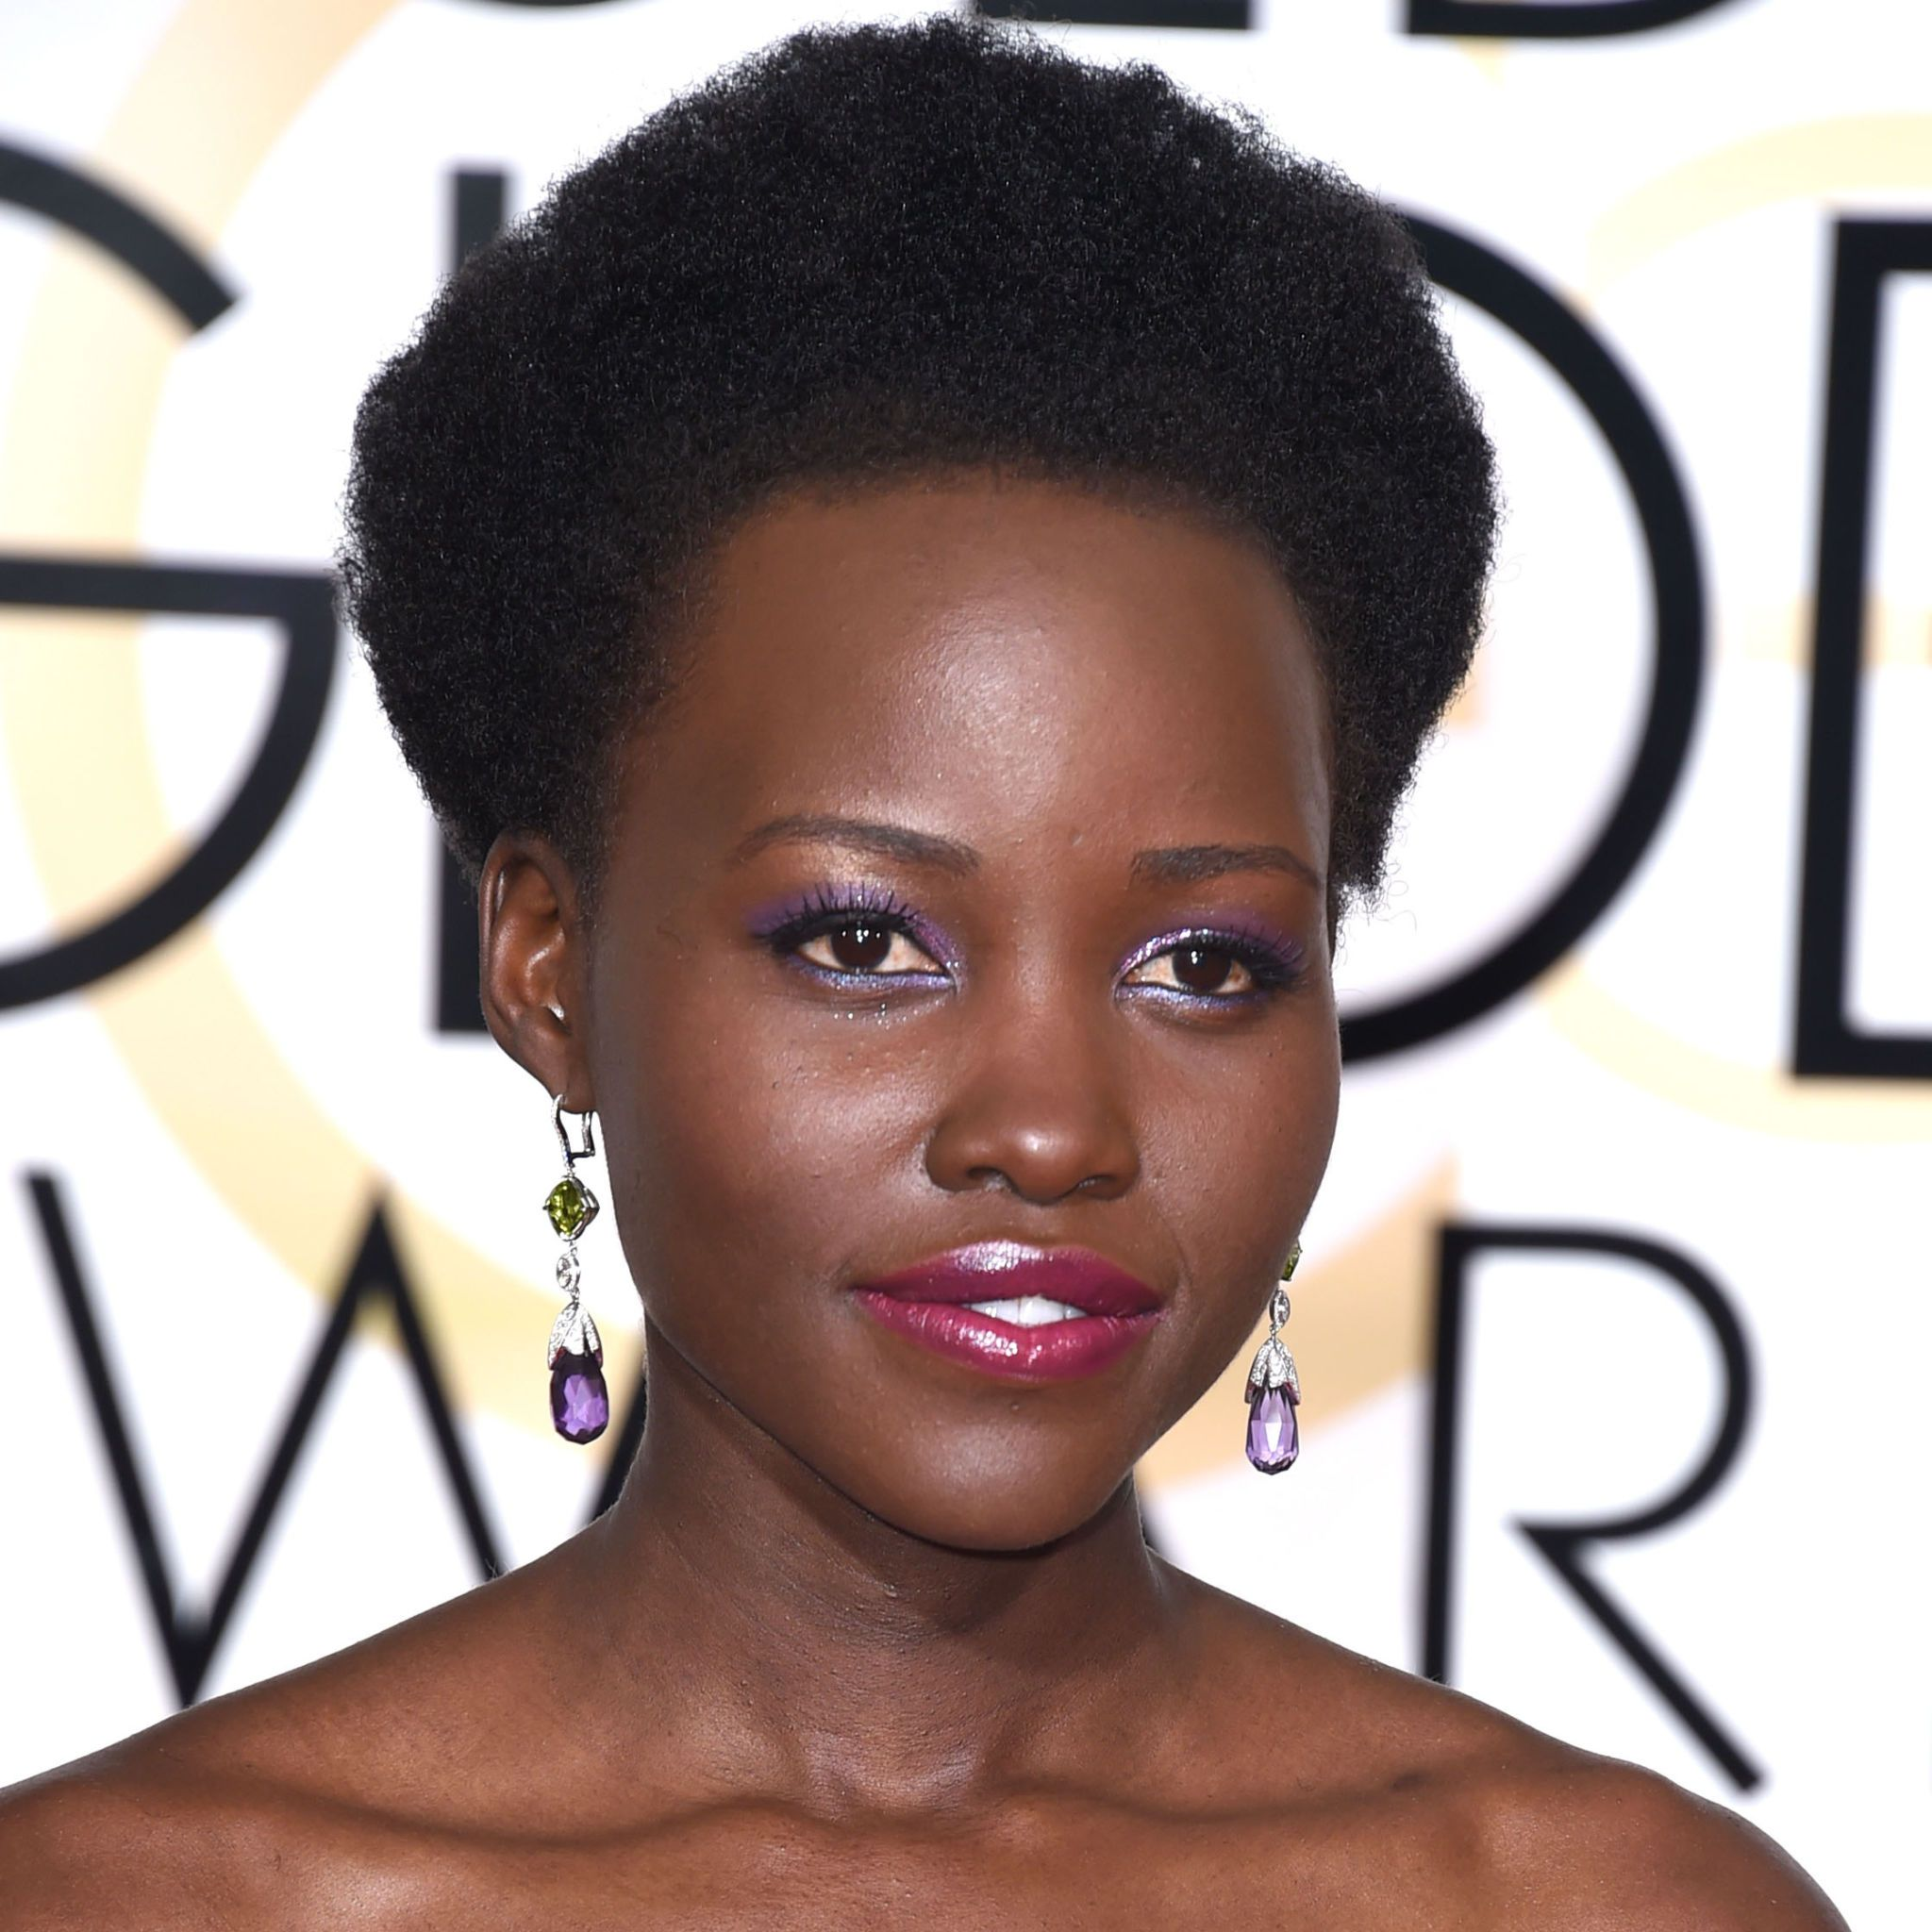 Lupita Nyong'o - Golden Globes 2015 beauty looks